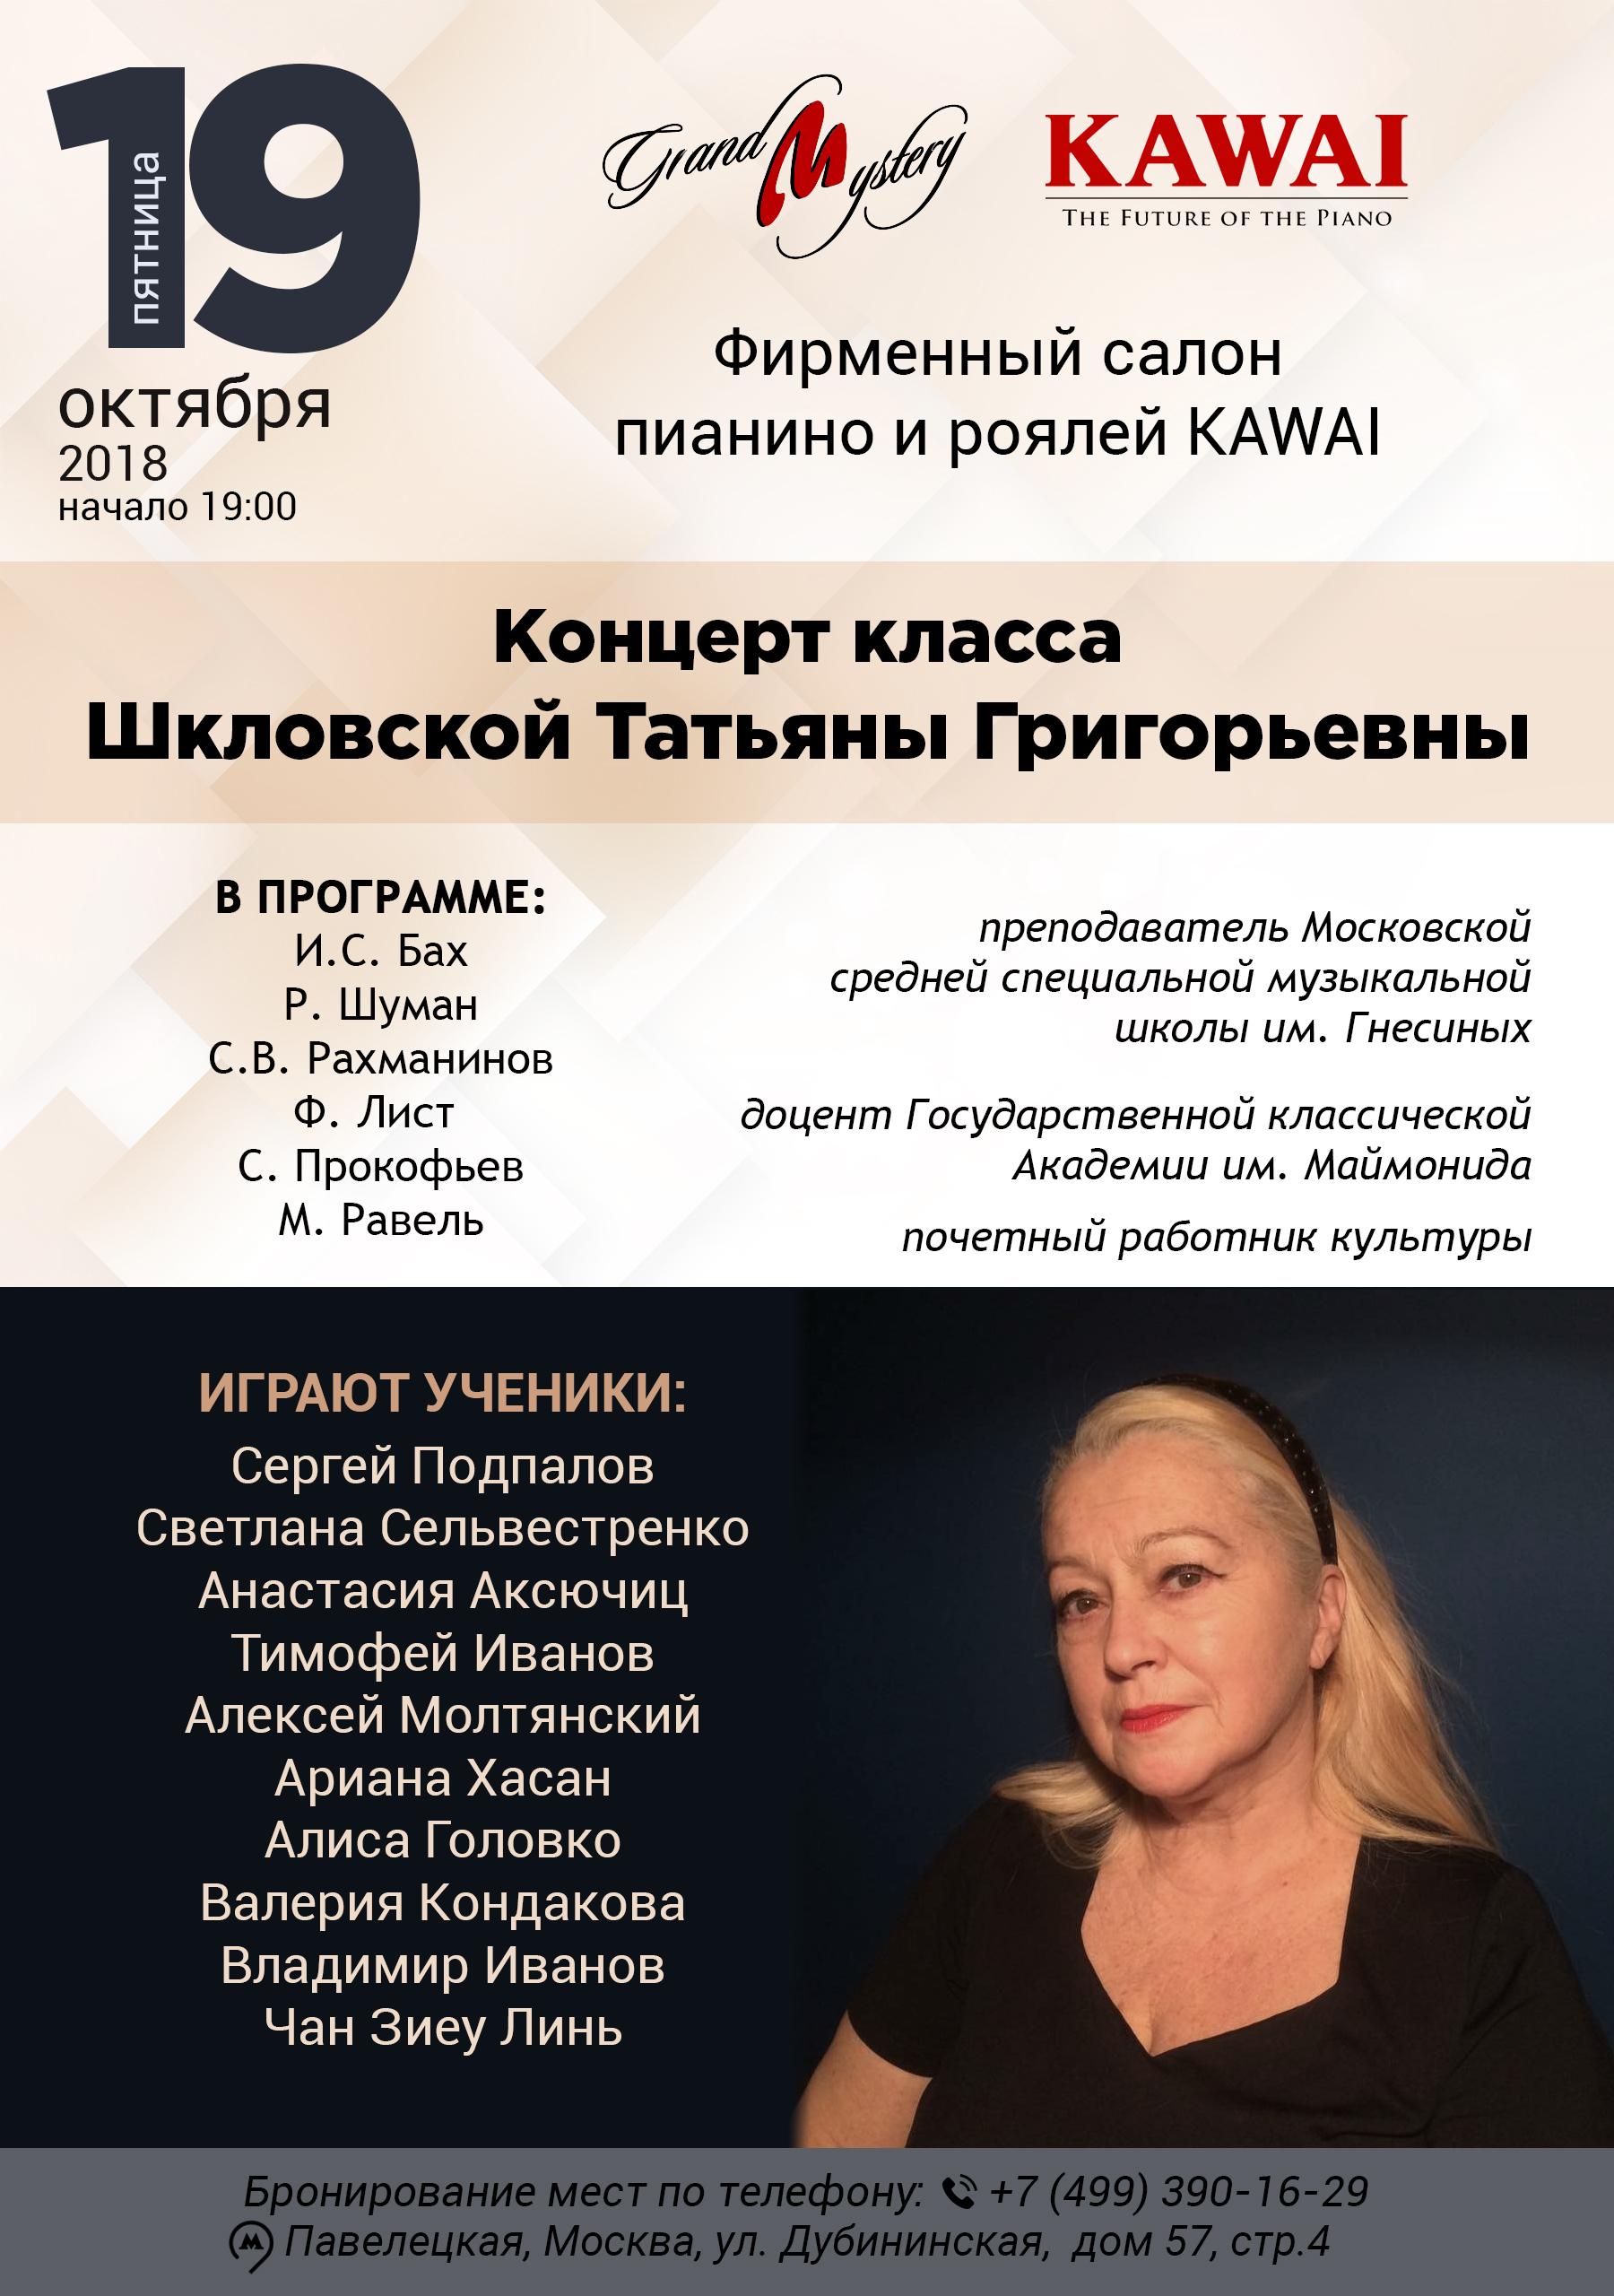 Концерт учеников Шкловской Татьяны Григорьевны